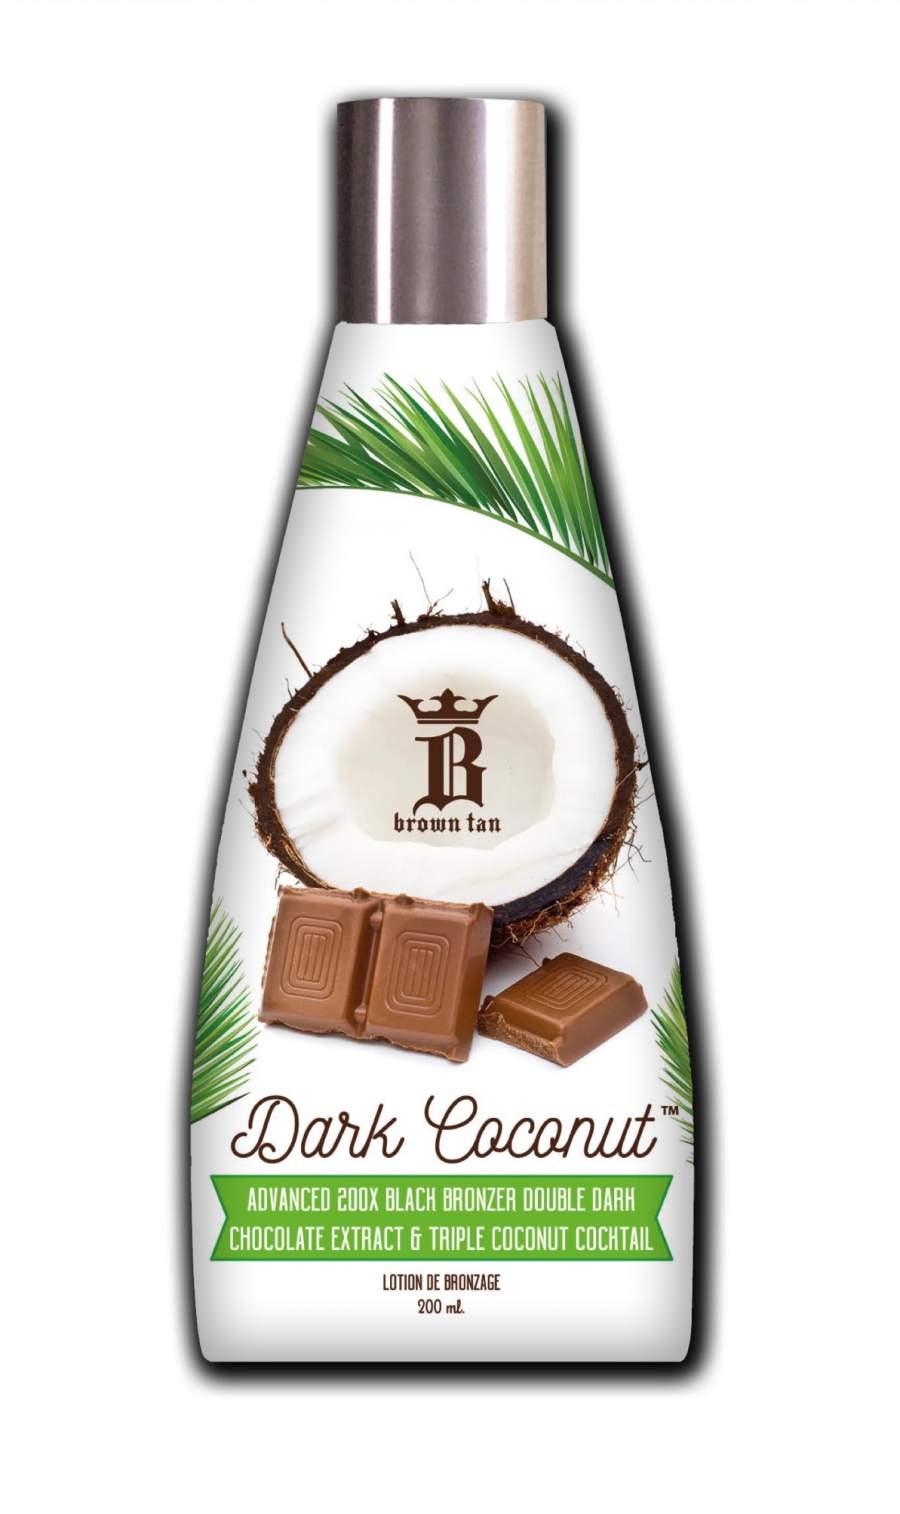 DARK COCONUT 200x (200 ml)